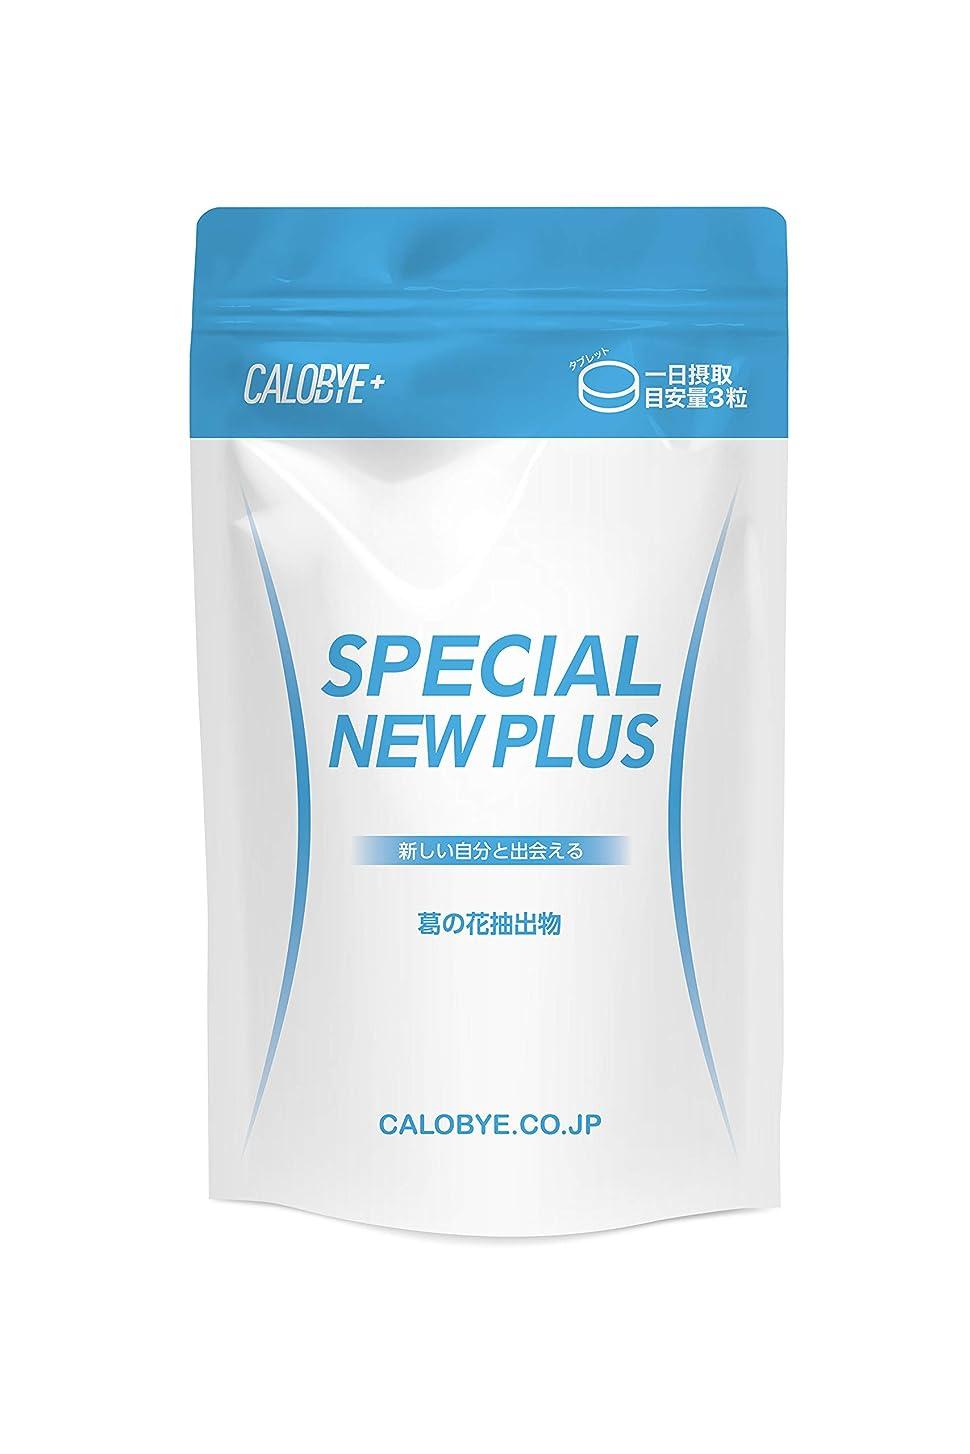 洗練された可能性戦い【カロバイプラス公式】CALOBYE+ Special New Plus(カロバイプラス?スペシャルニュープラス) …